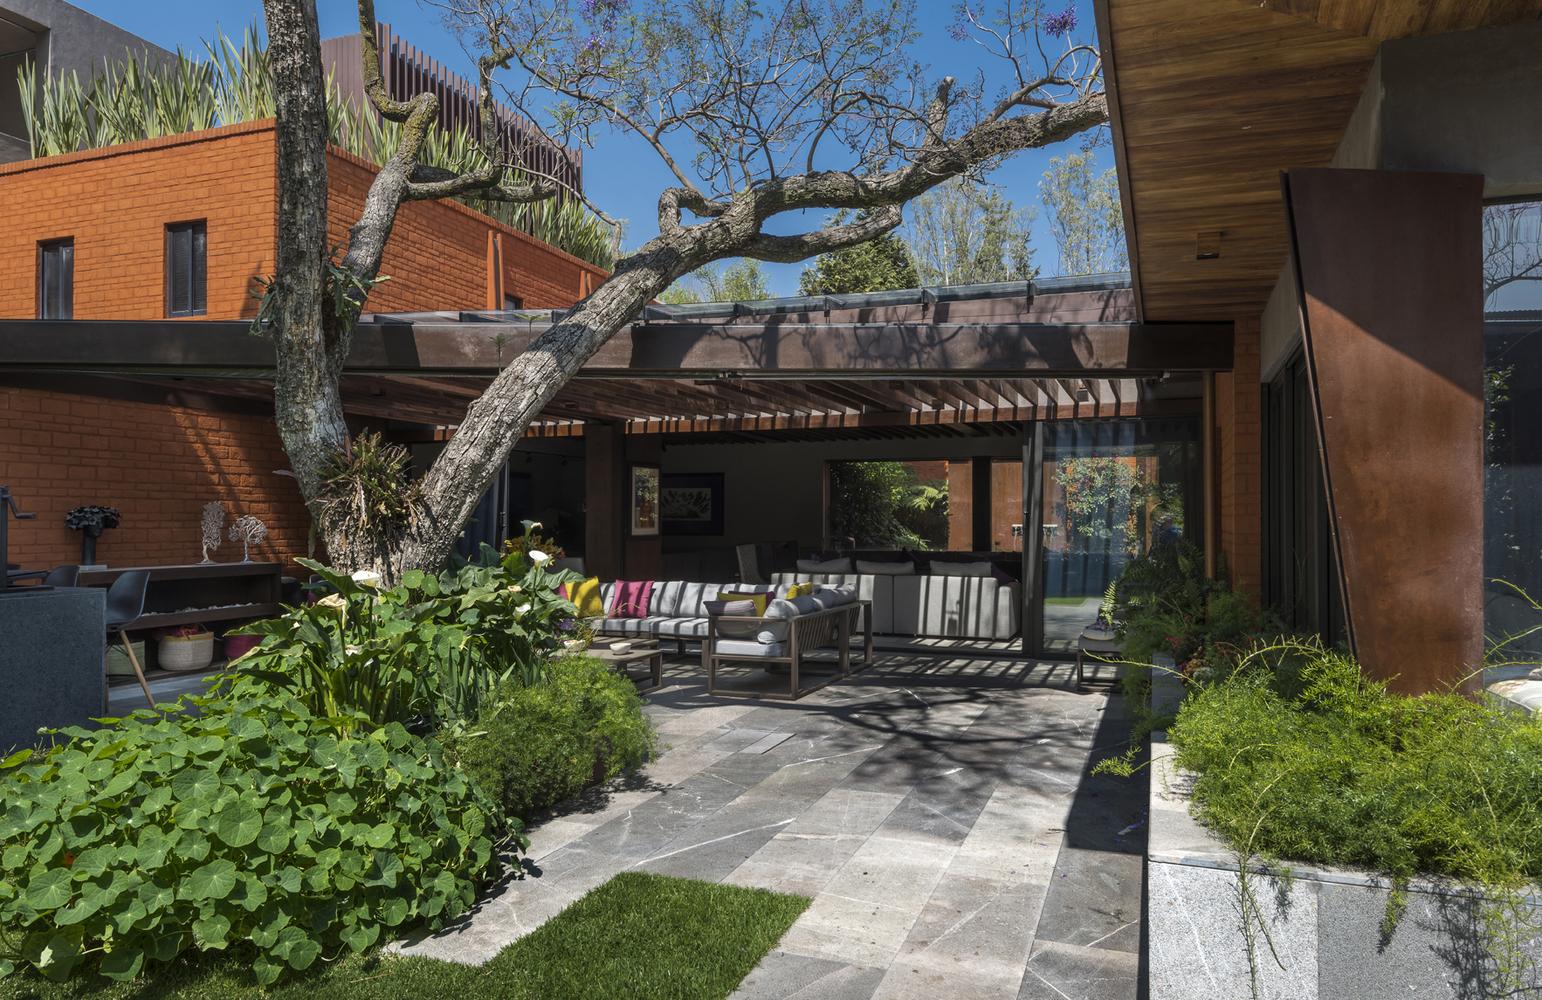 озеленение территории возле дома | Зеленые крыши